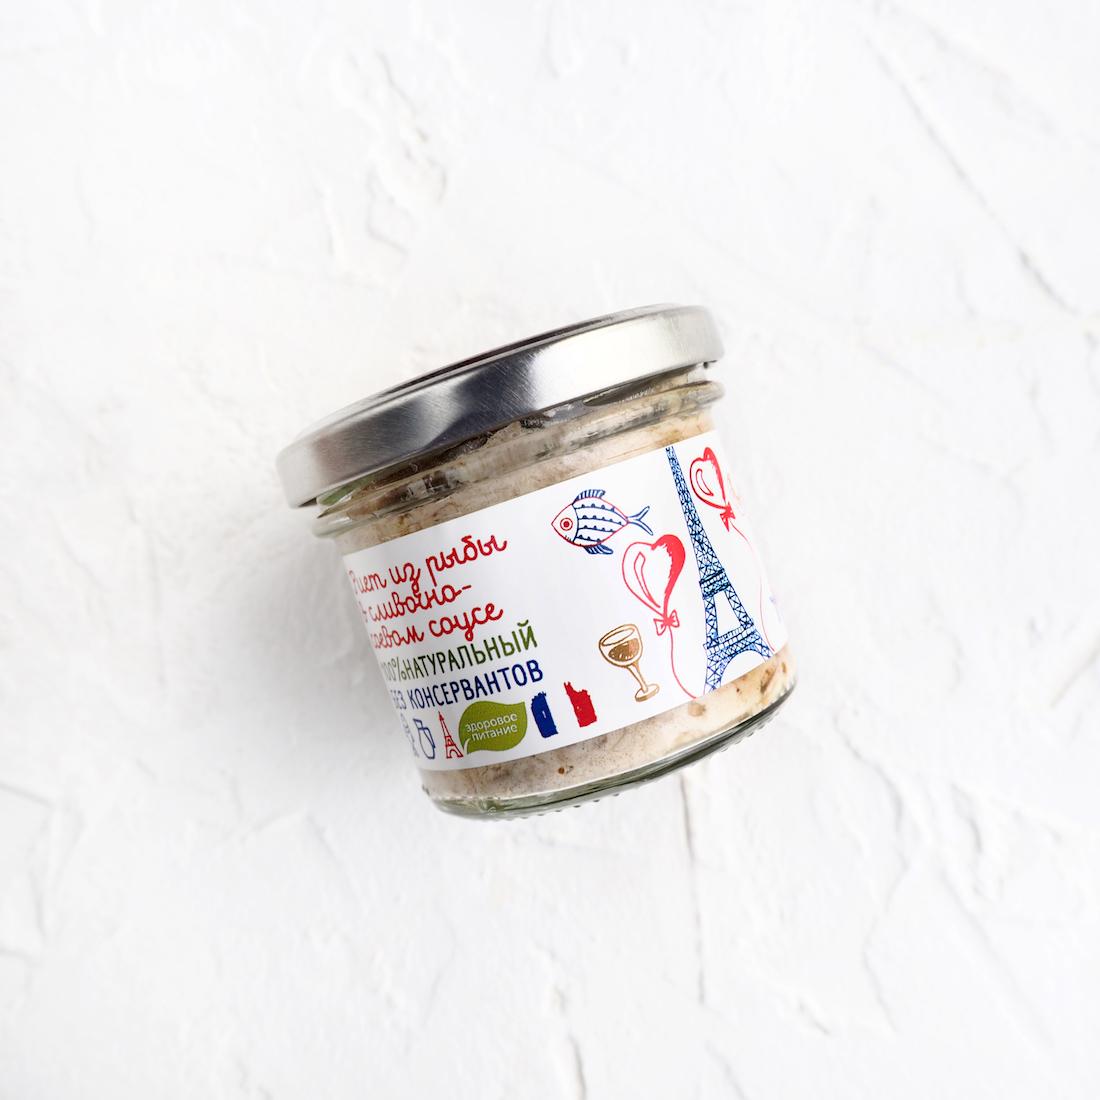 Риет из клария в сливочно-соевом соусе (1 шт., 100 г)